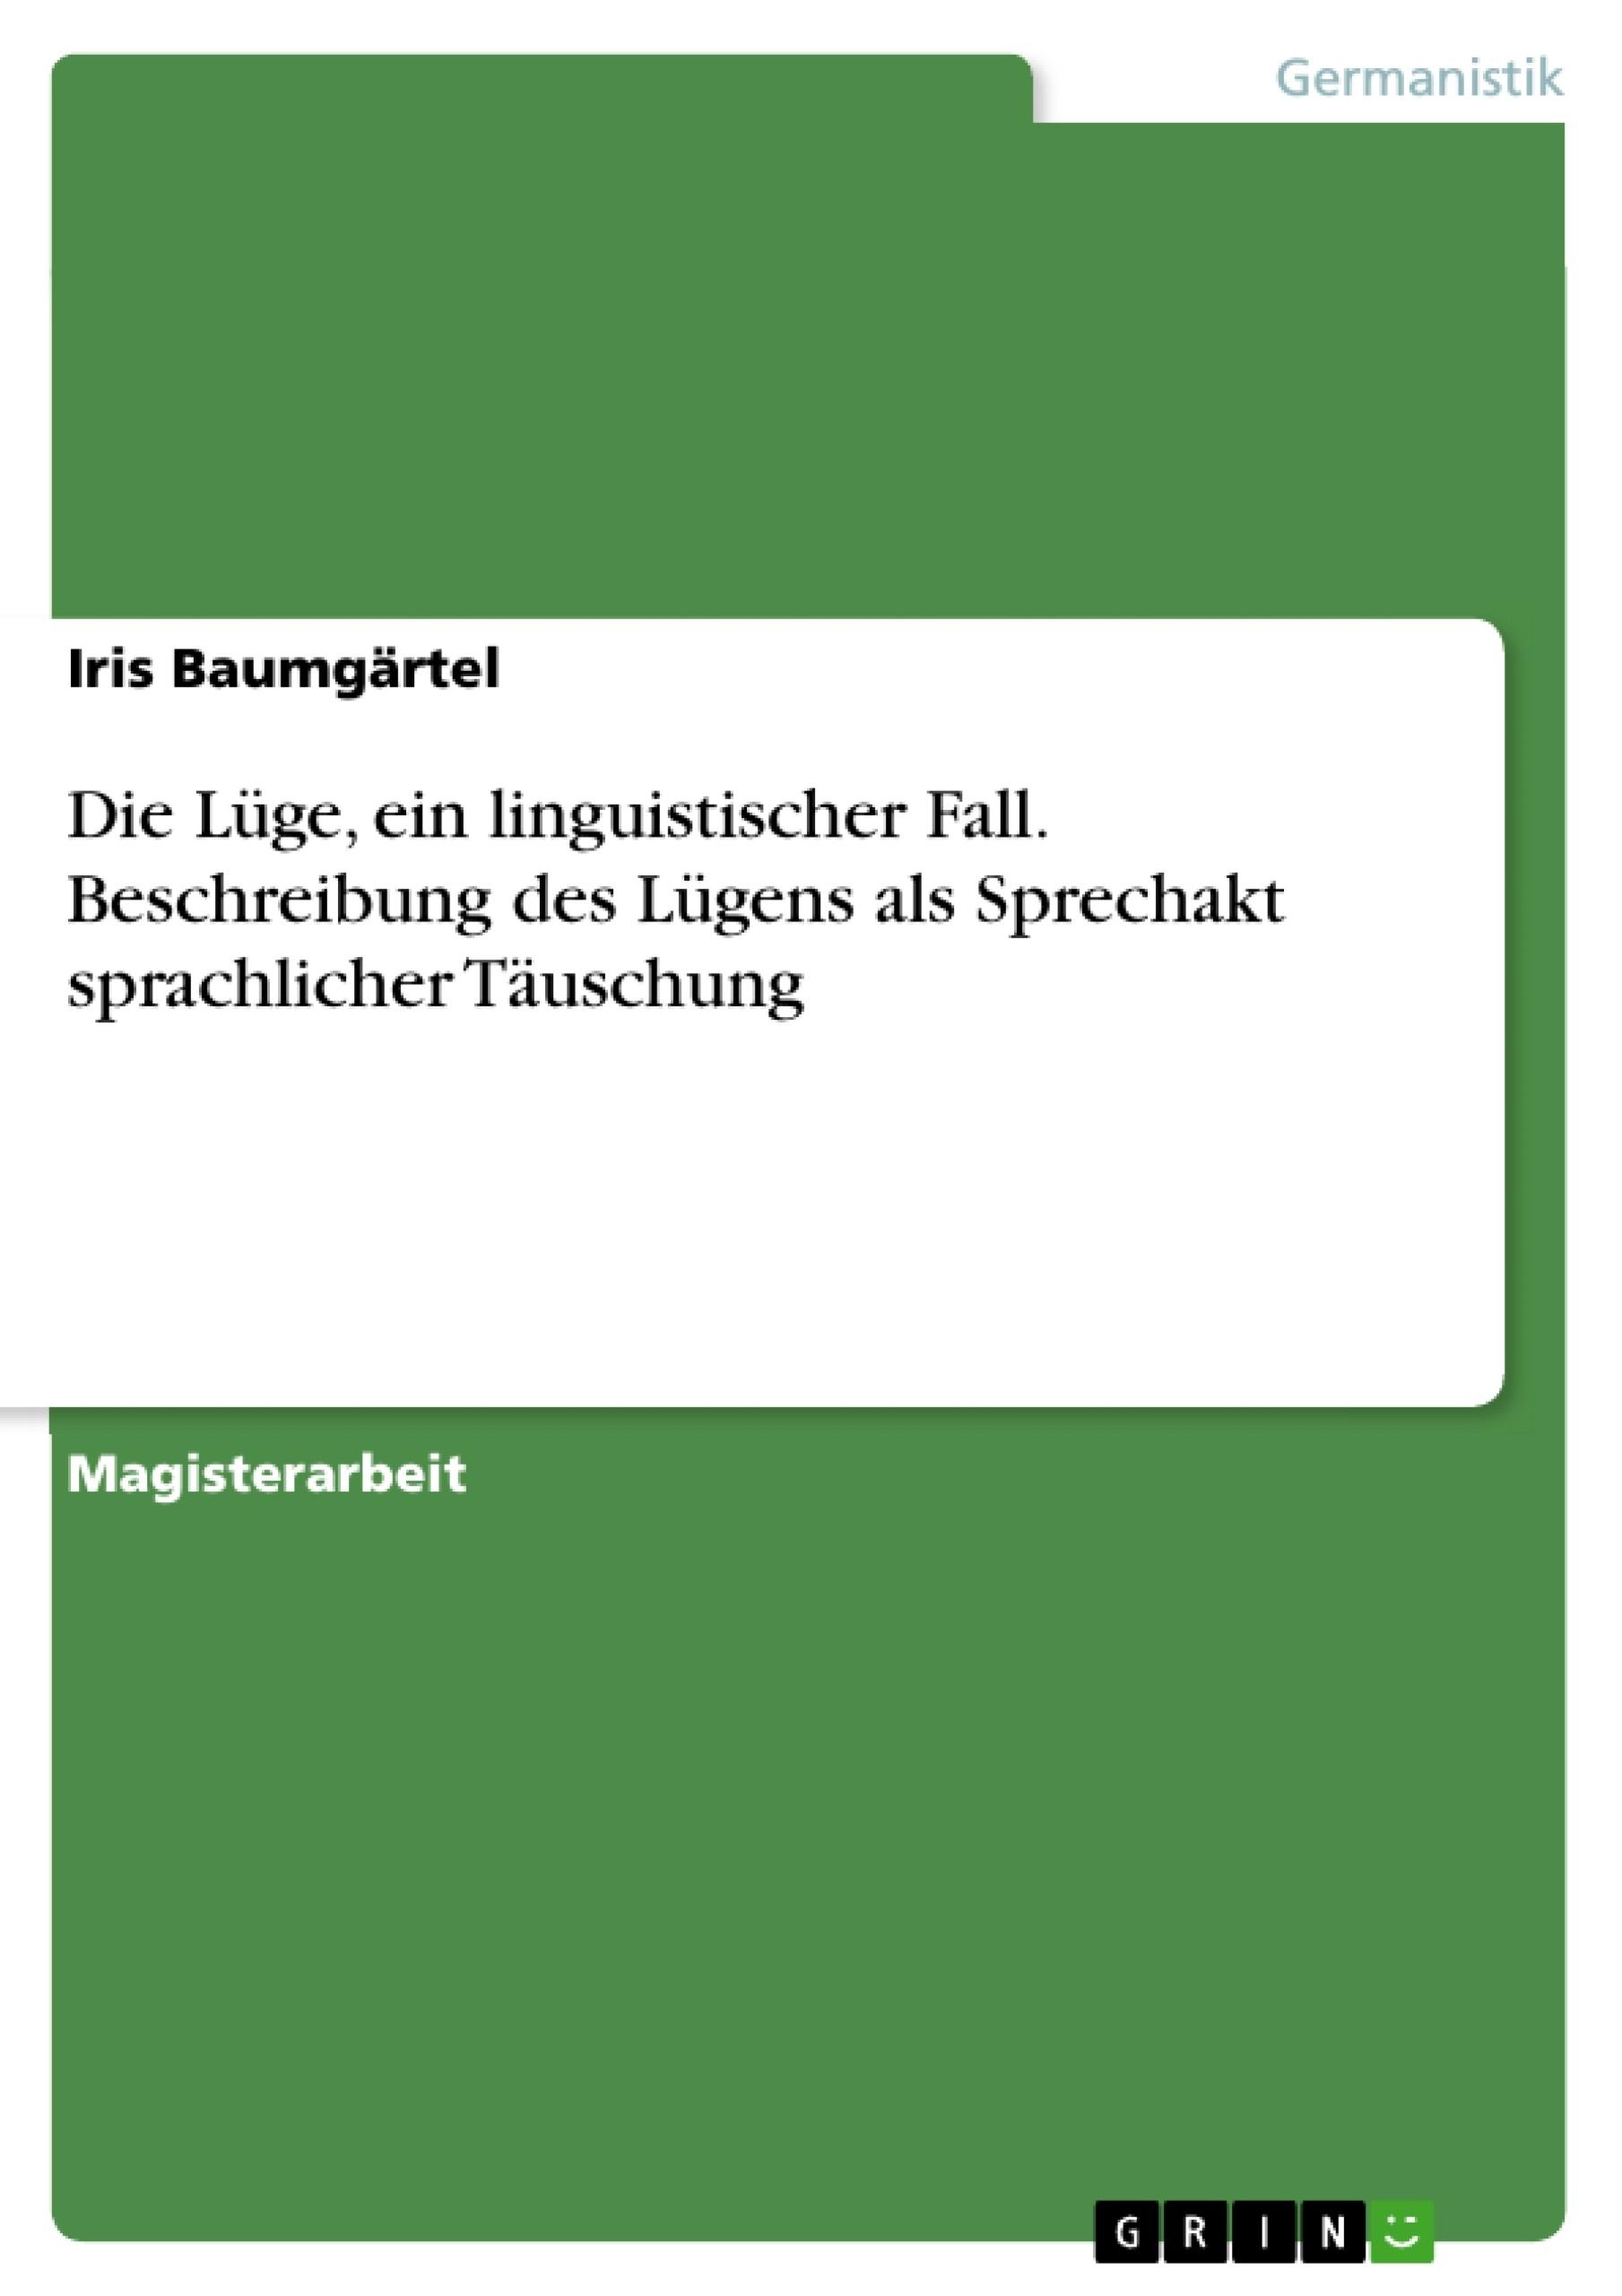 Titel: Die Lüge, ein linguistischer Fall. Beschreibung des Lügens als Sprechakt sprachlicher Täuschung